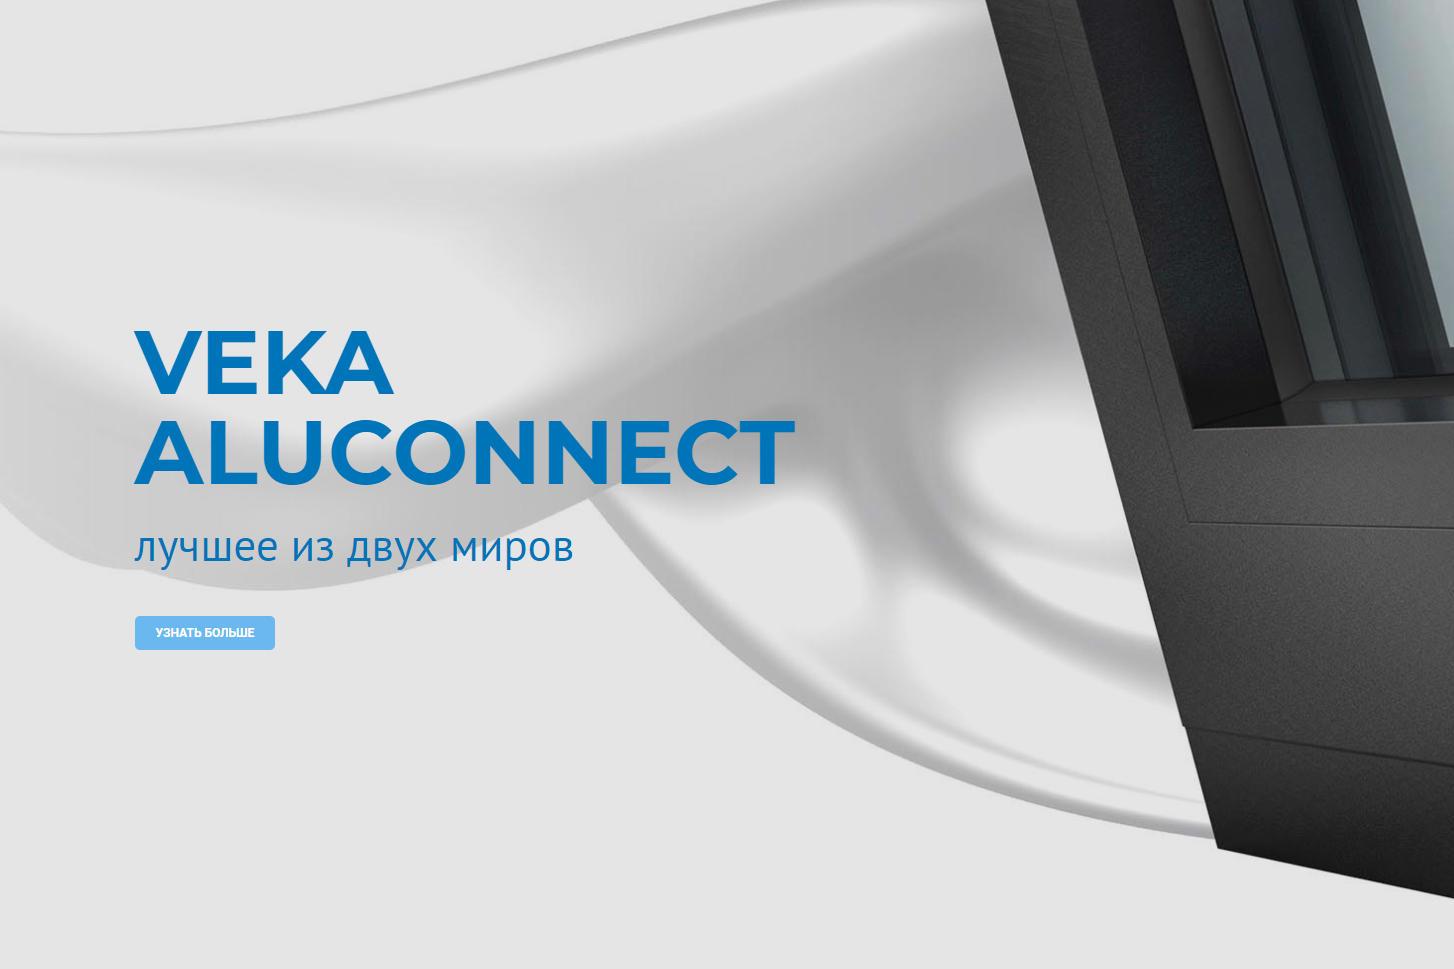 VEKA ALUCONNECT - лучшее из двух миров